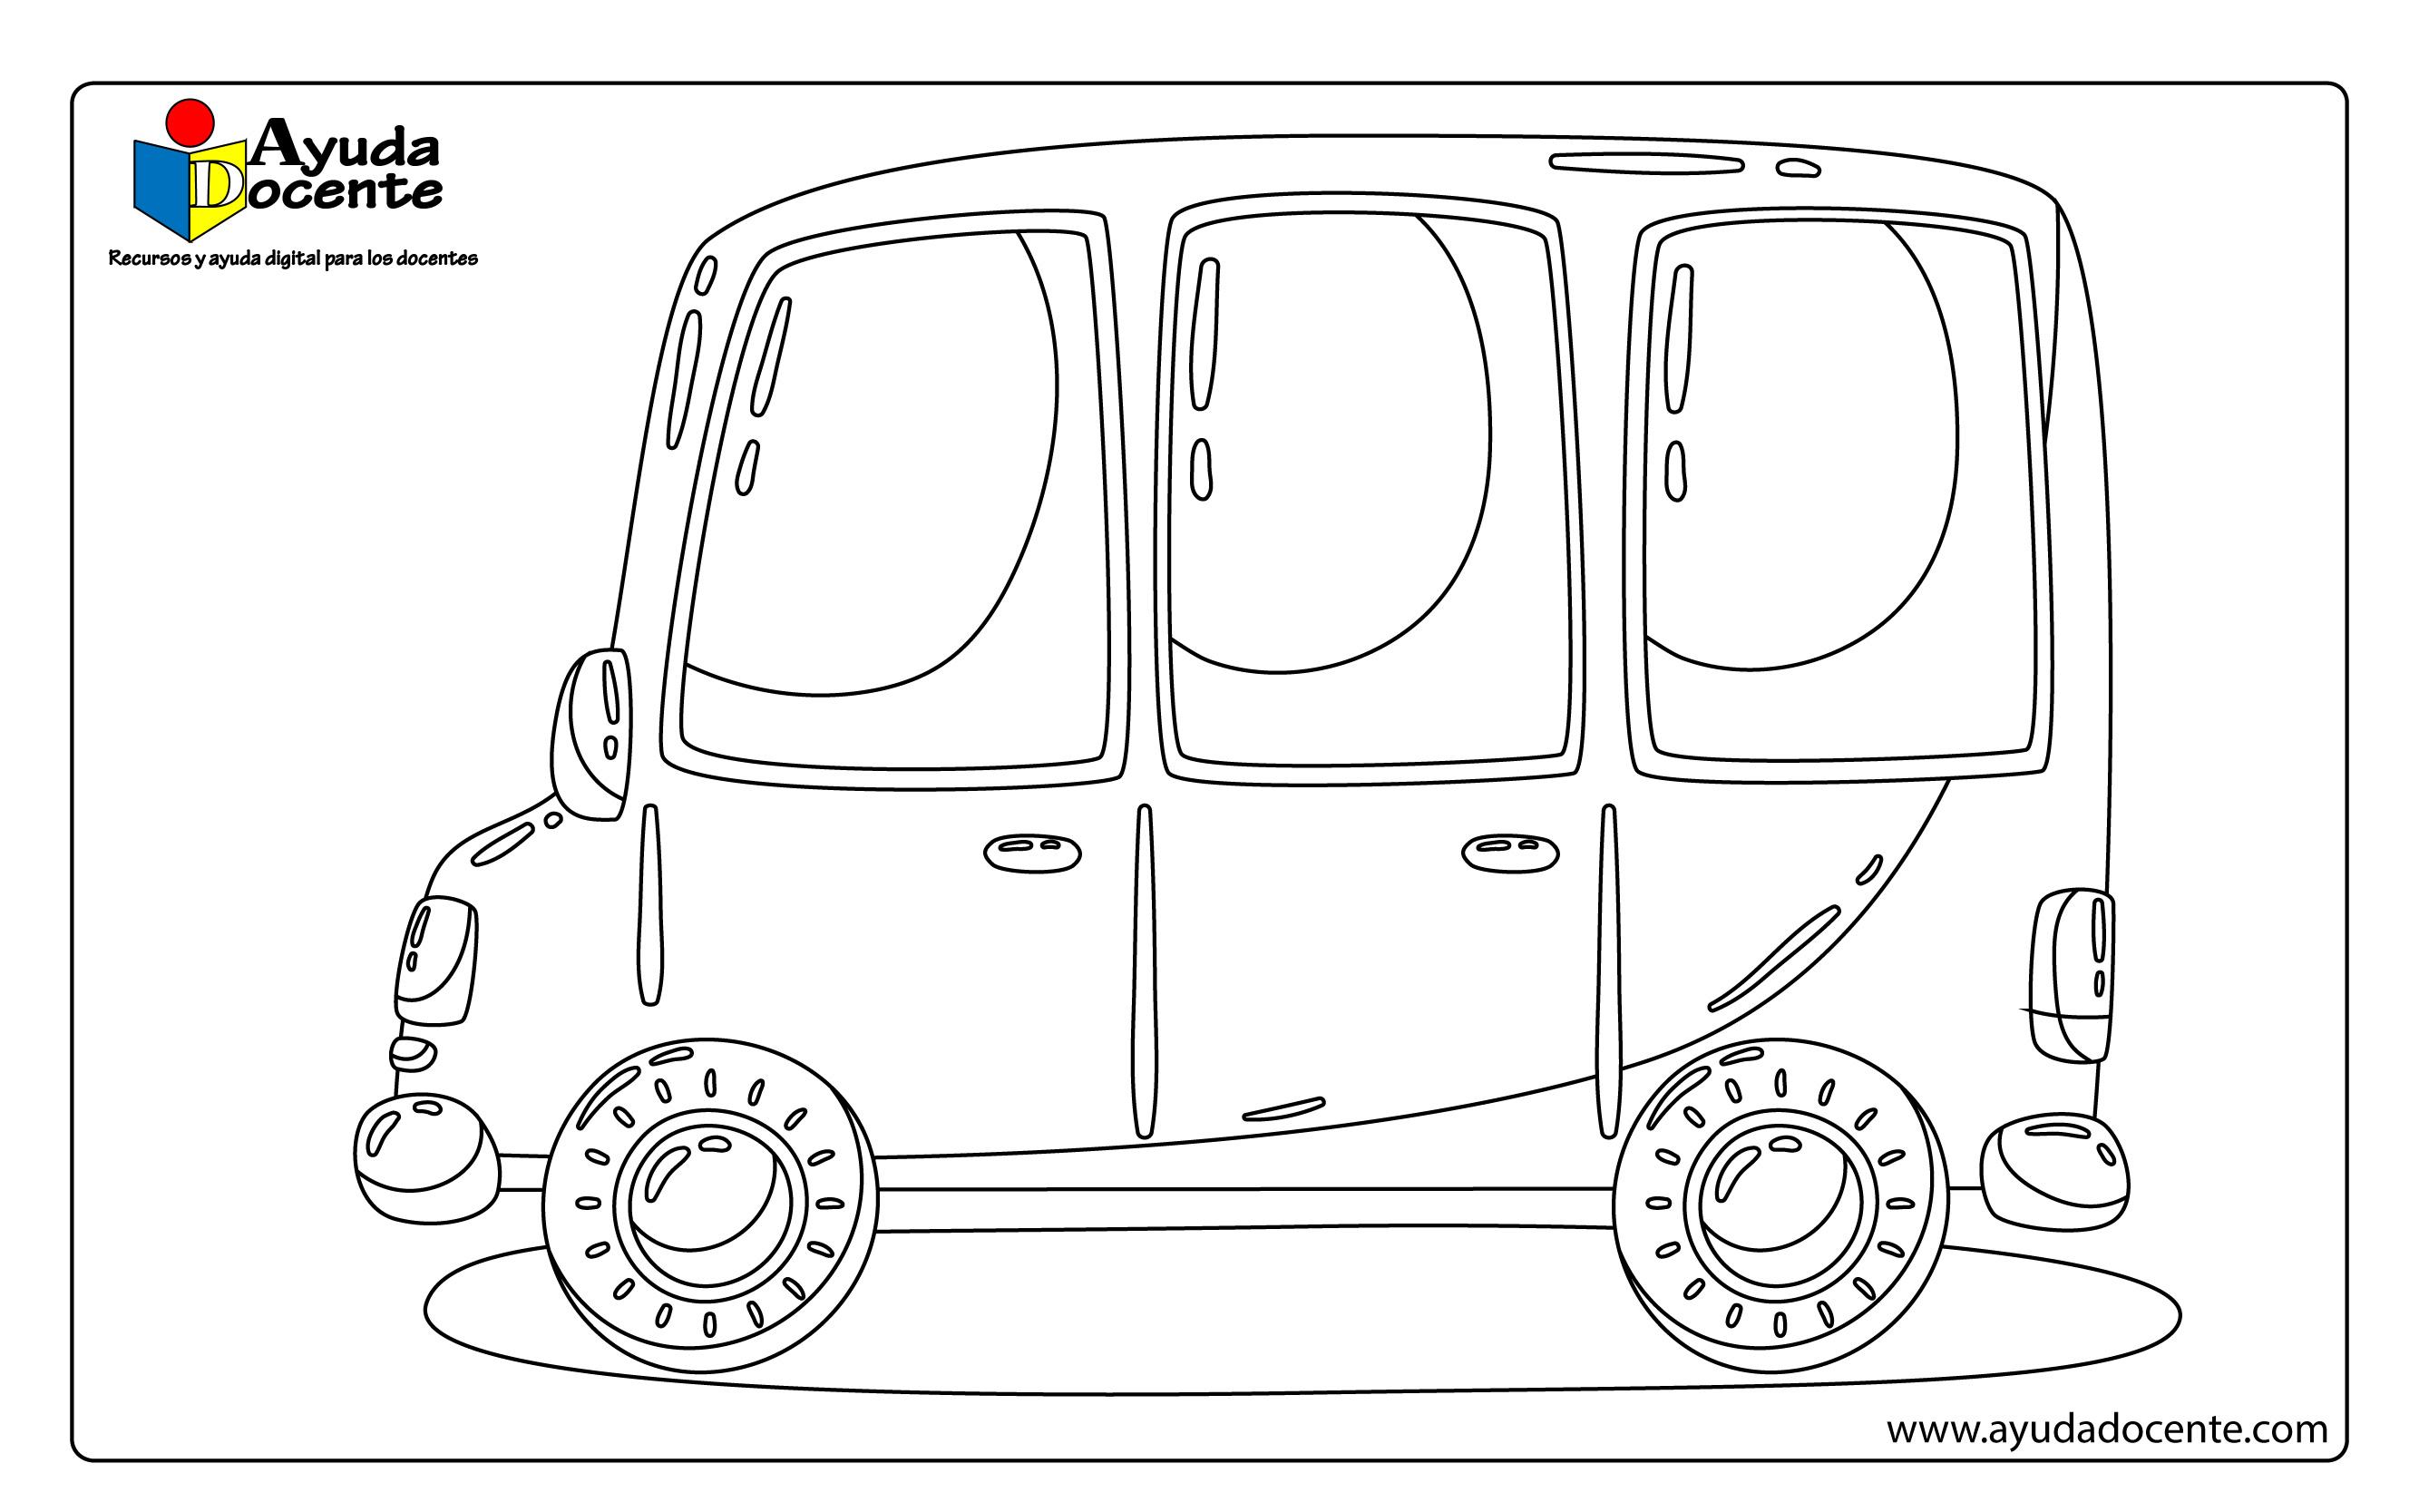 Dibujos de autos para colorear - AYUDA DOCENTE